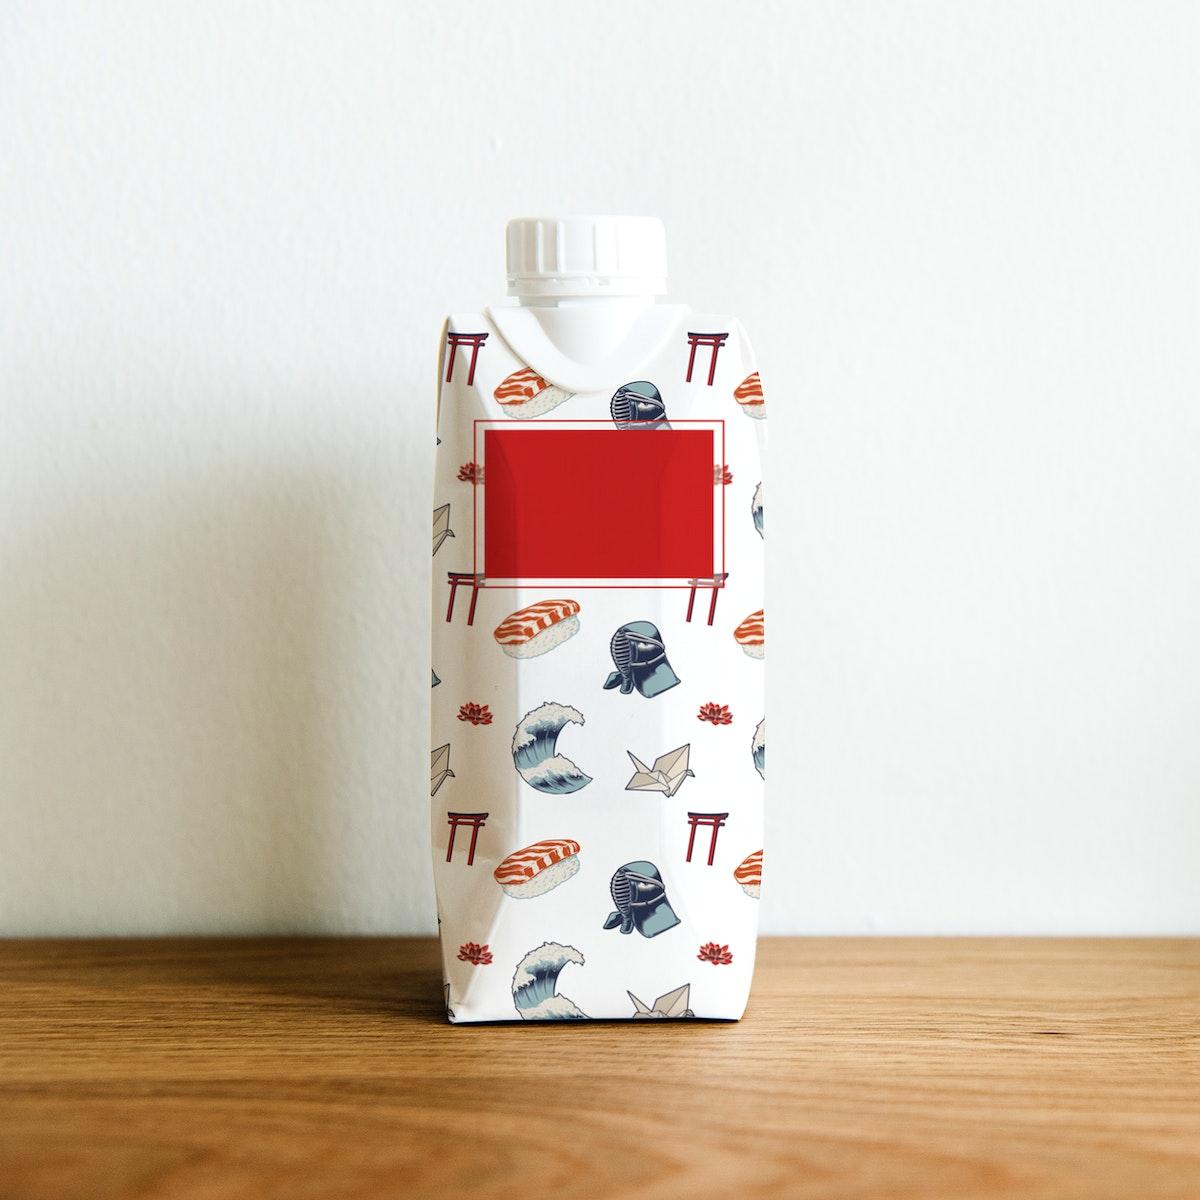 Paper bottle mockup